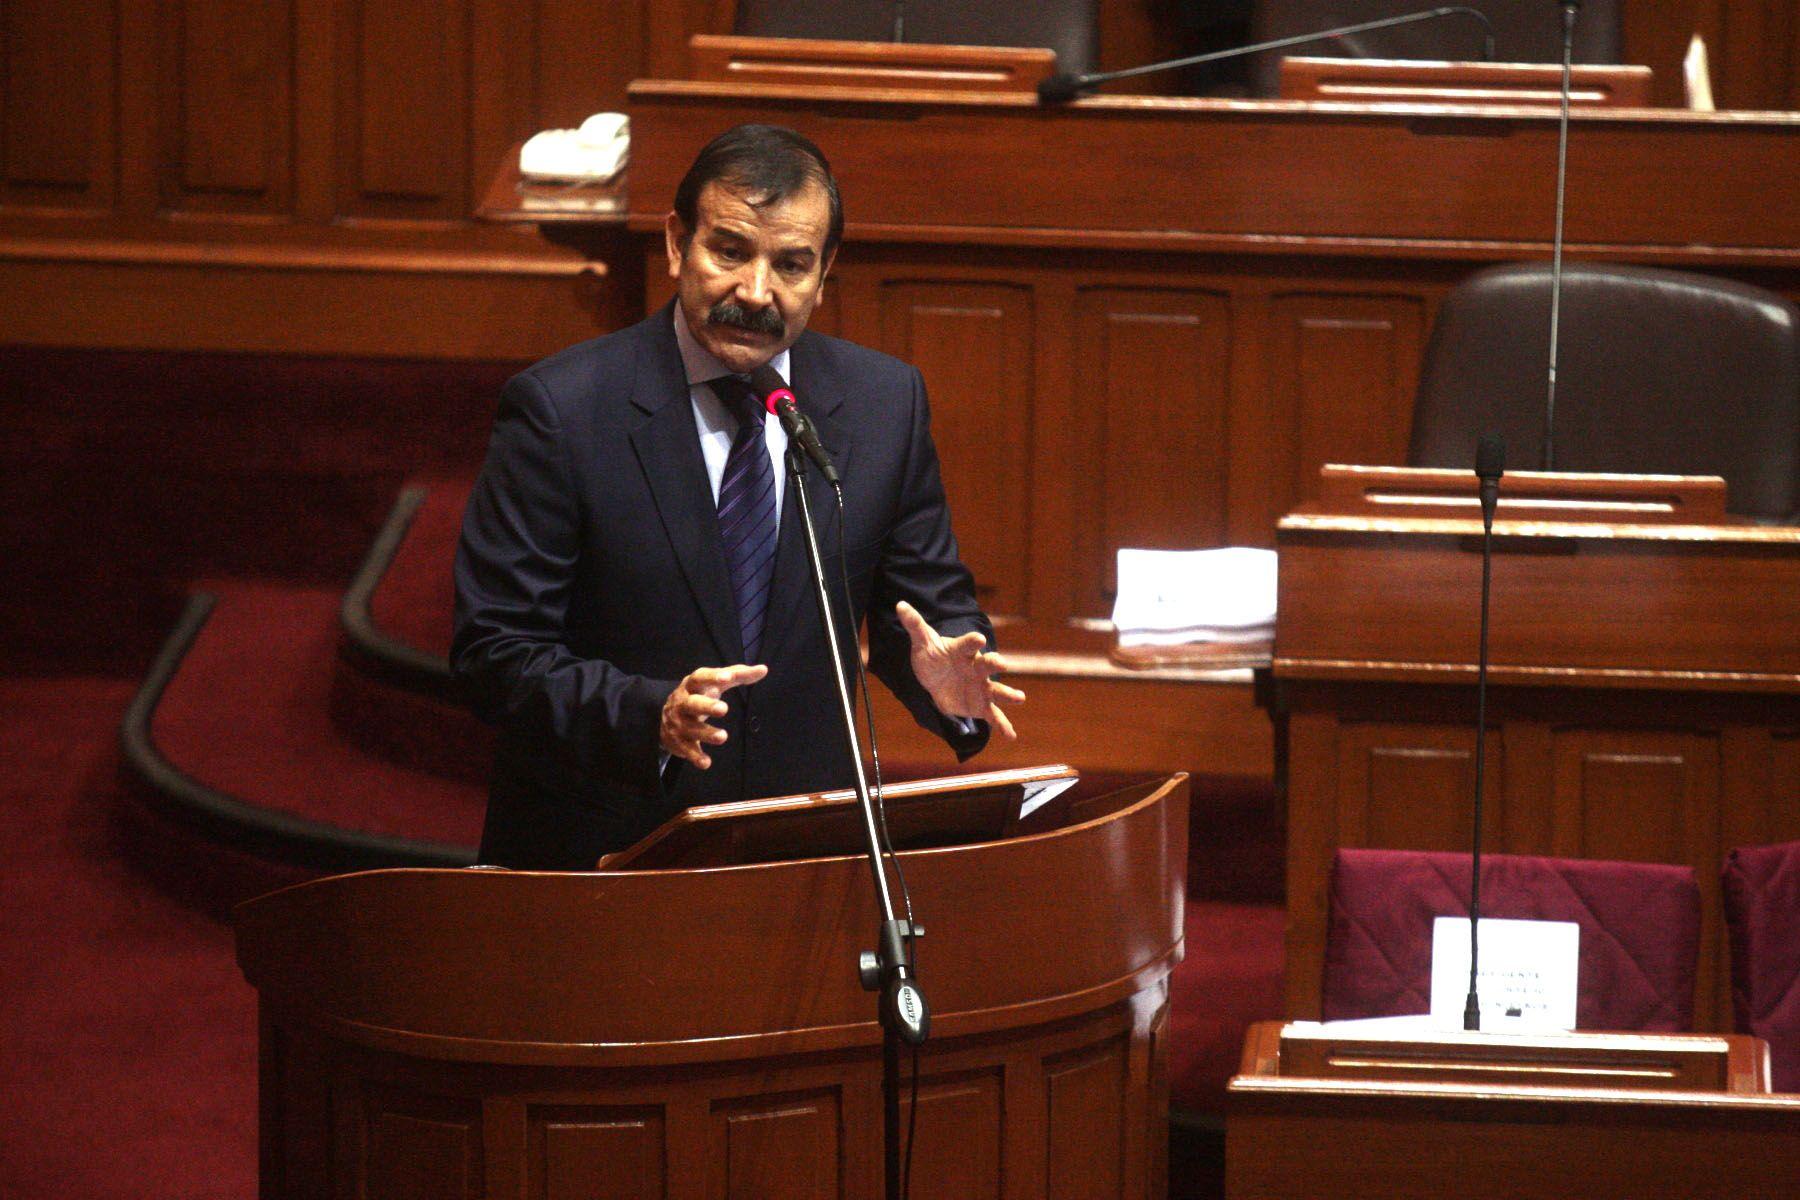 Nuevo ministro del interior asegura continuidad de for Nuevo ministro del interior peru